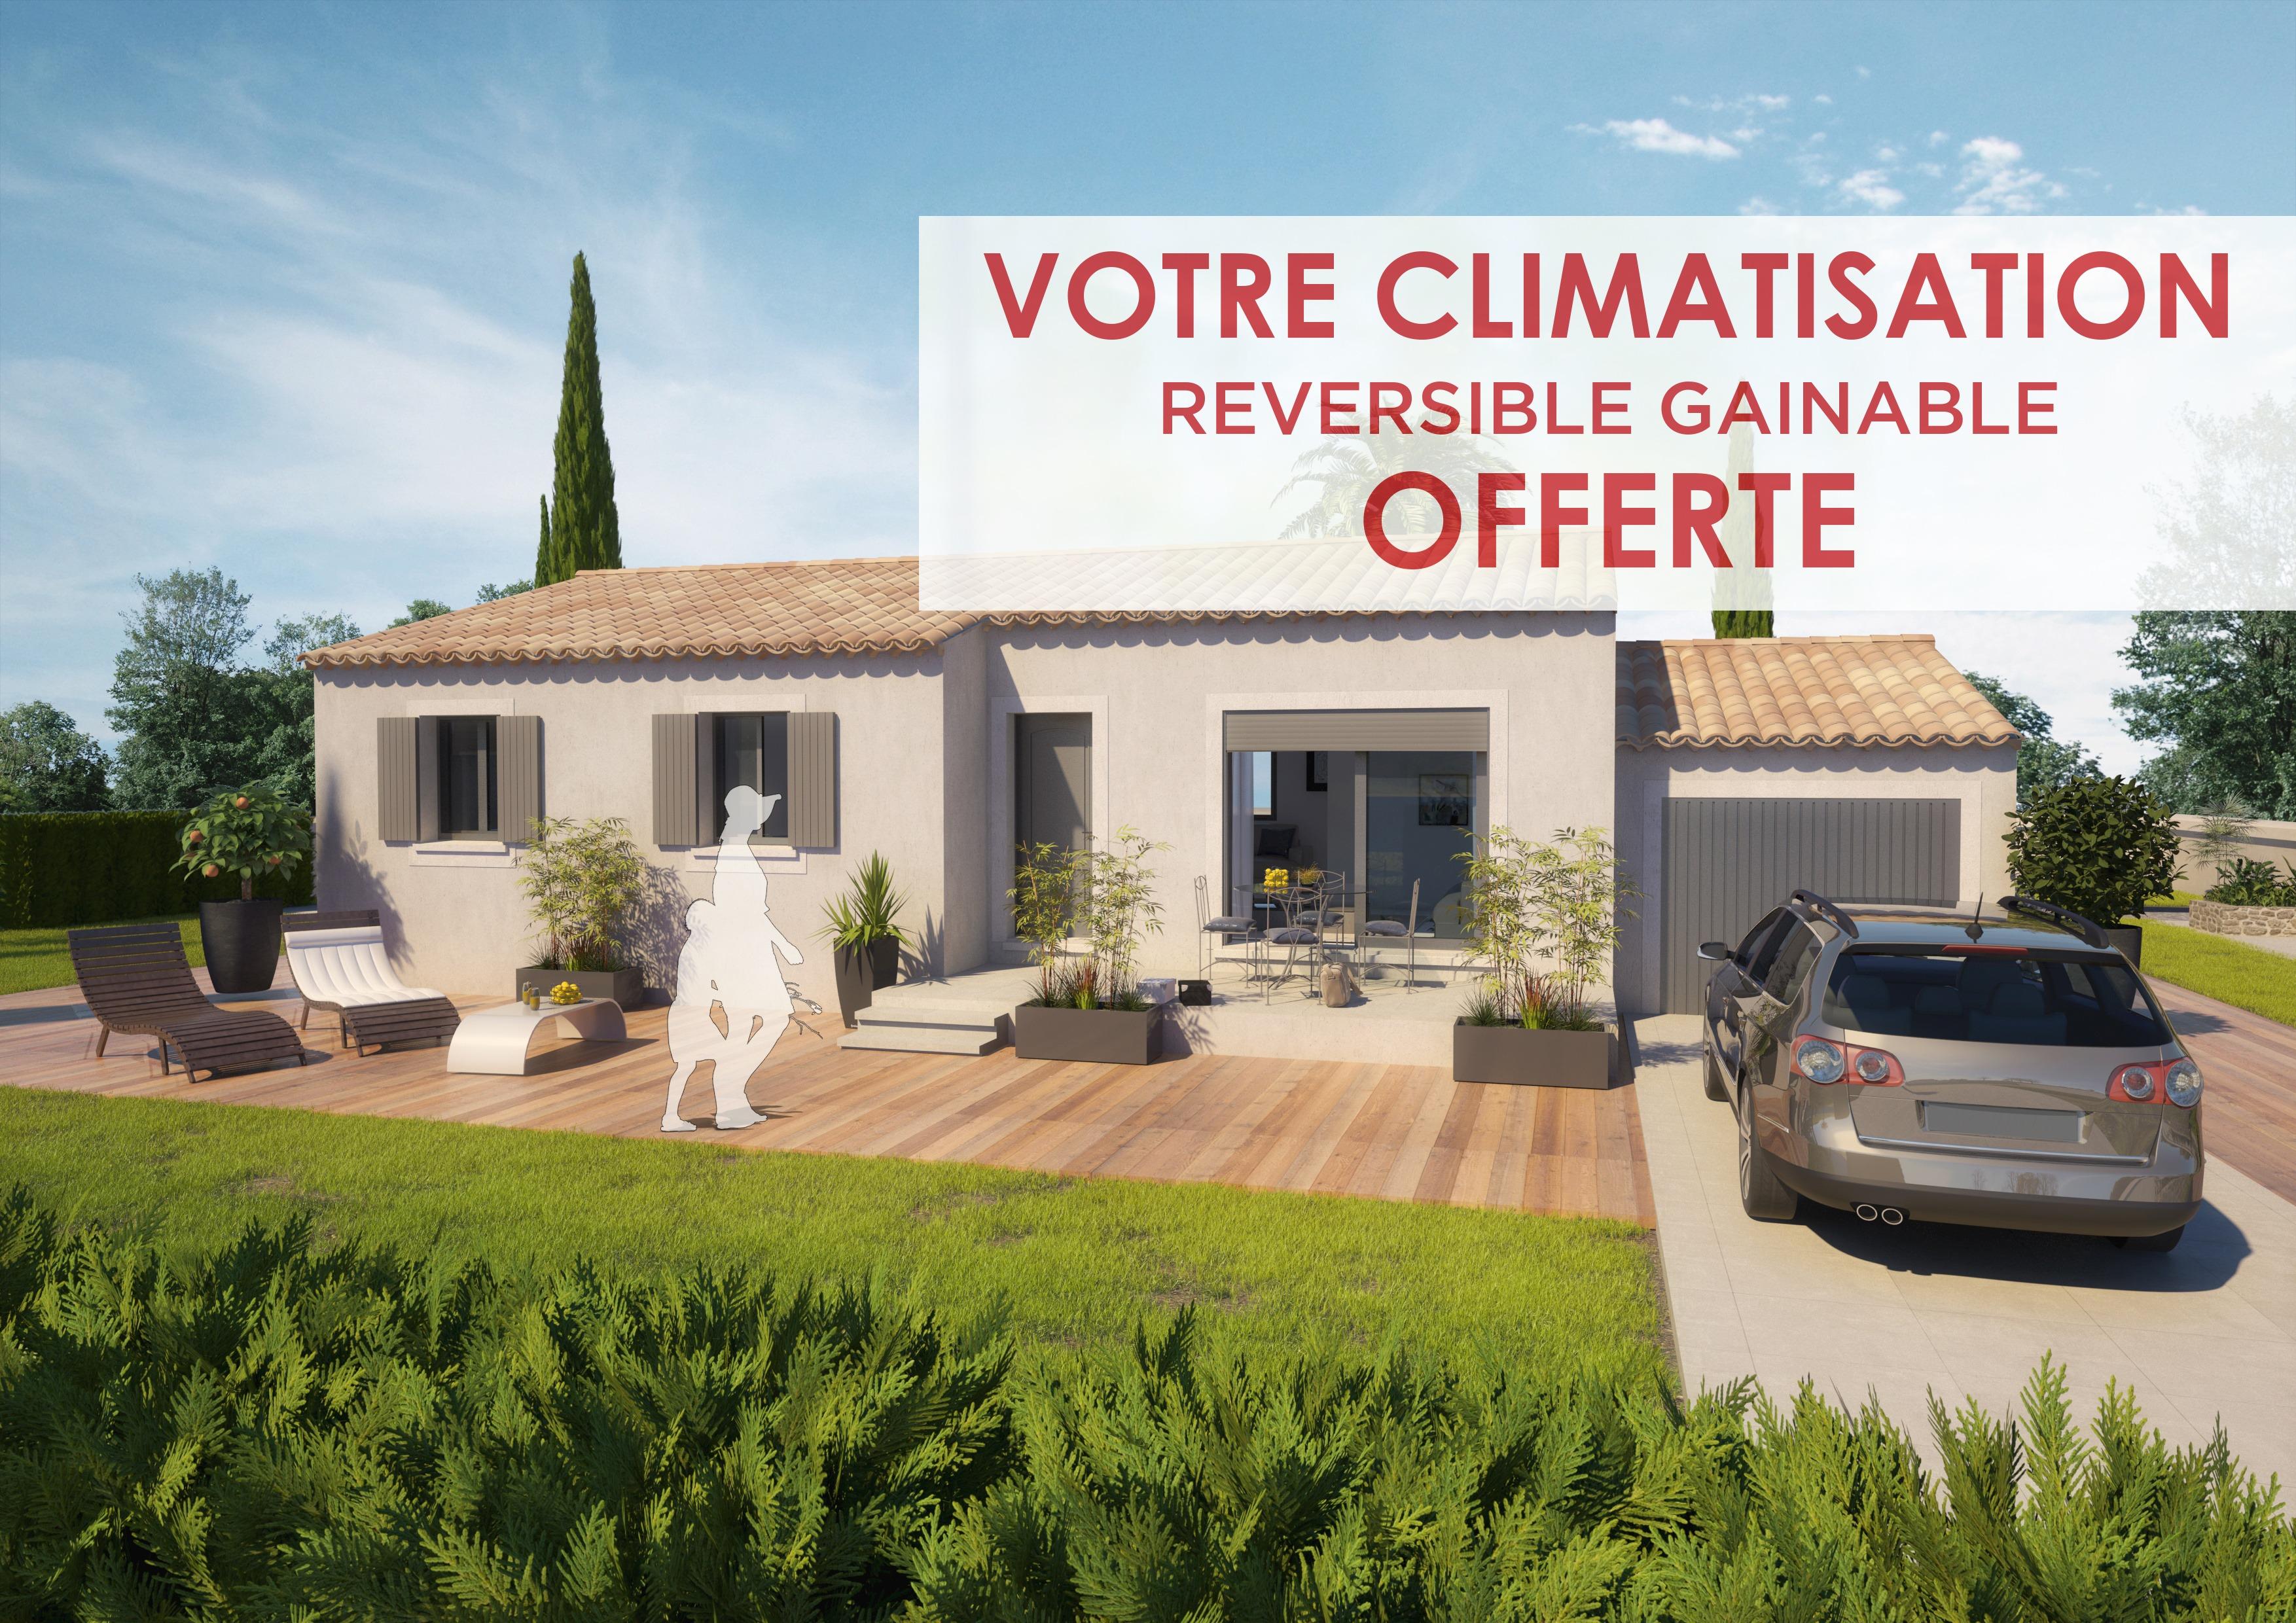 Maisons + Terrains du constructeur ART ET TRADITIONS MEDITERRANEE • 93 m² • LAUDUN